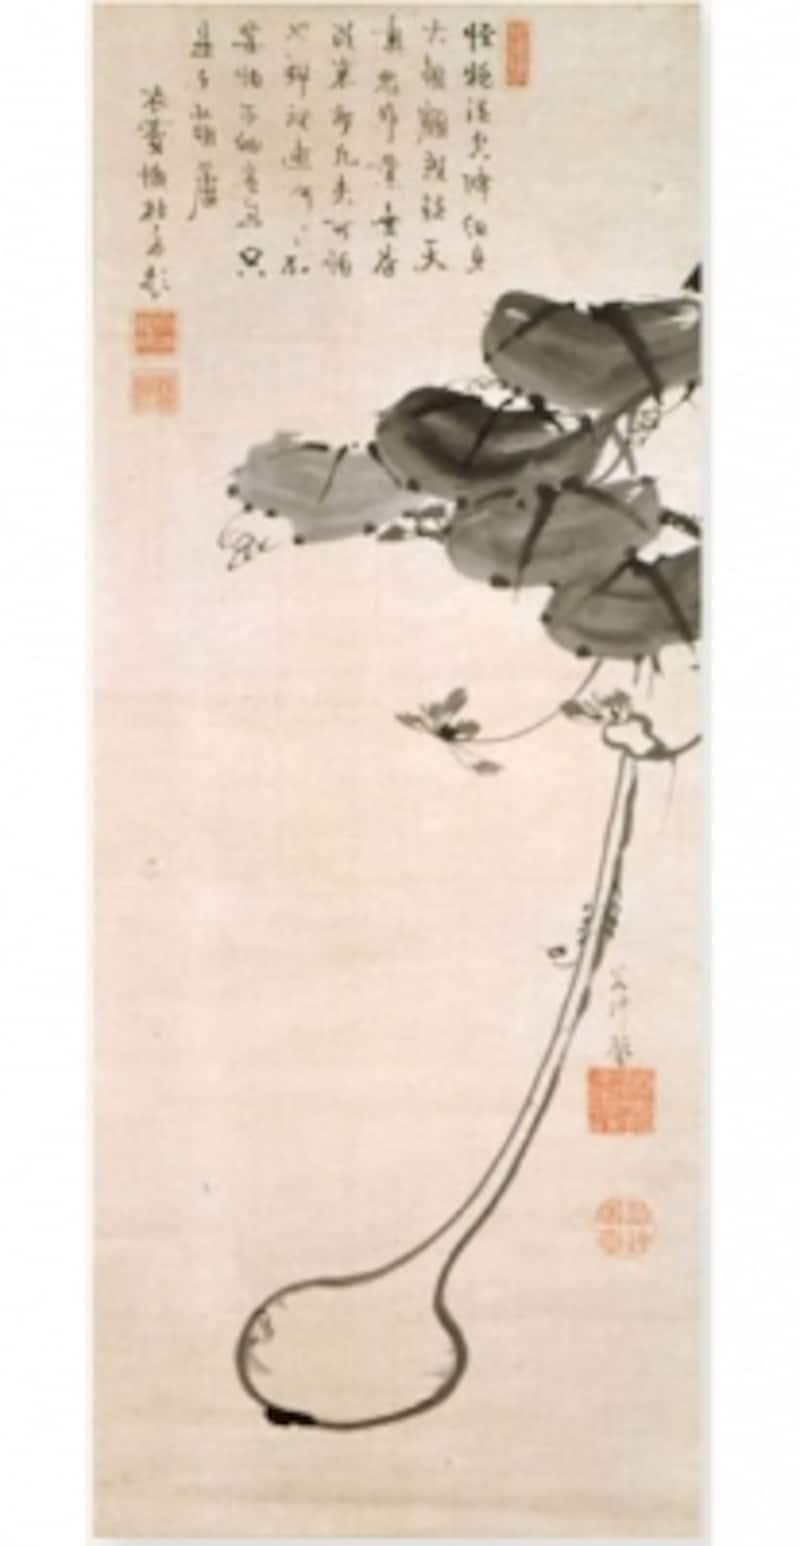 伊藤若冲undefined瓢箪牡丹図のうち瓢箪図undefined細見美術館蔵